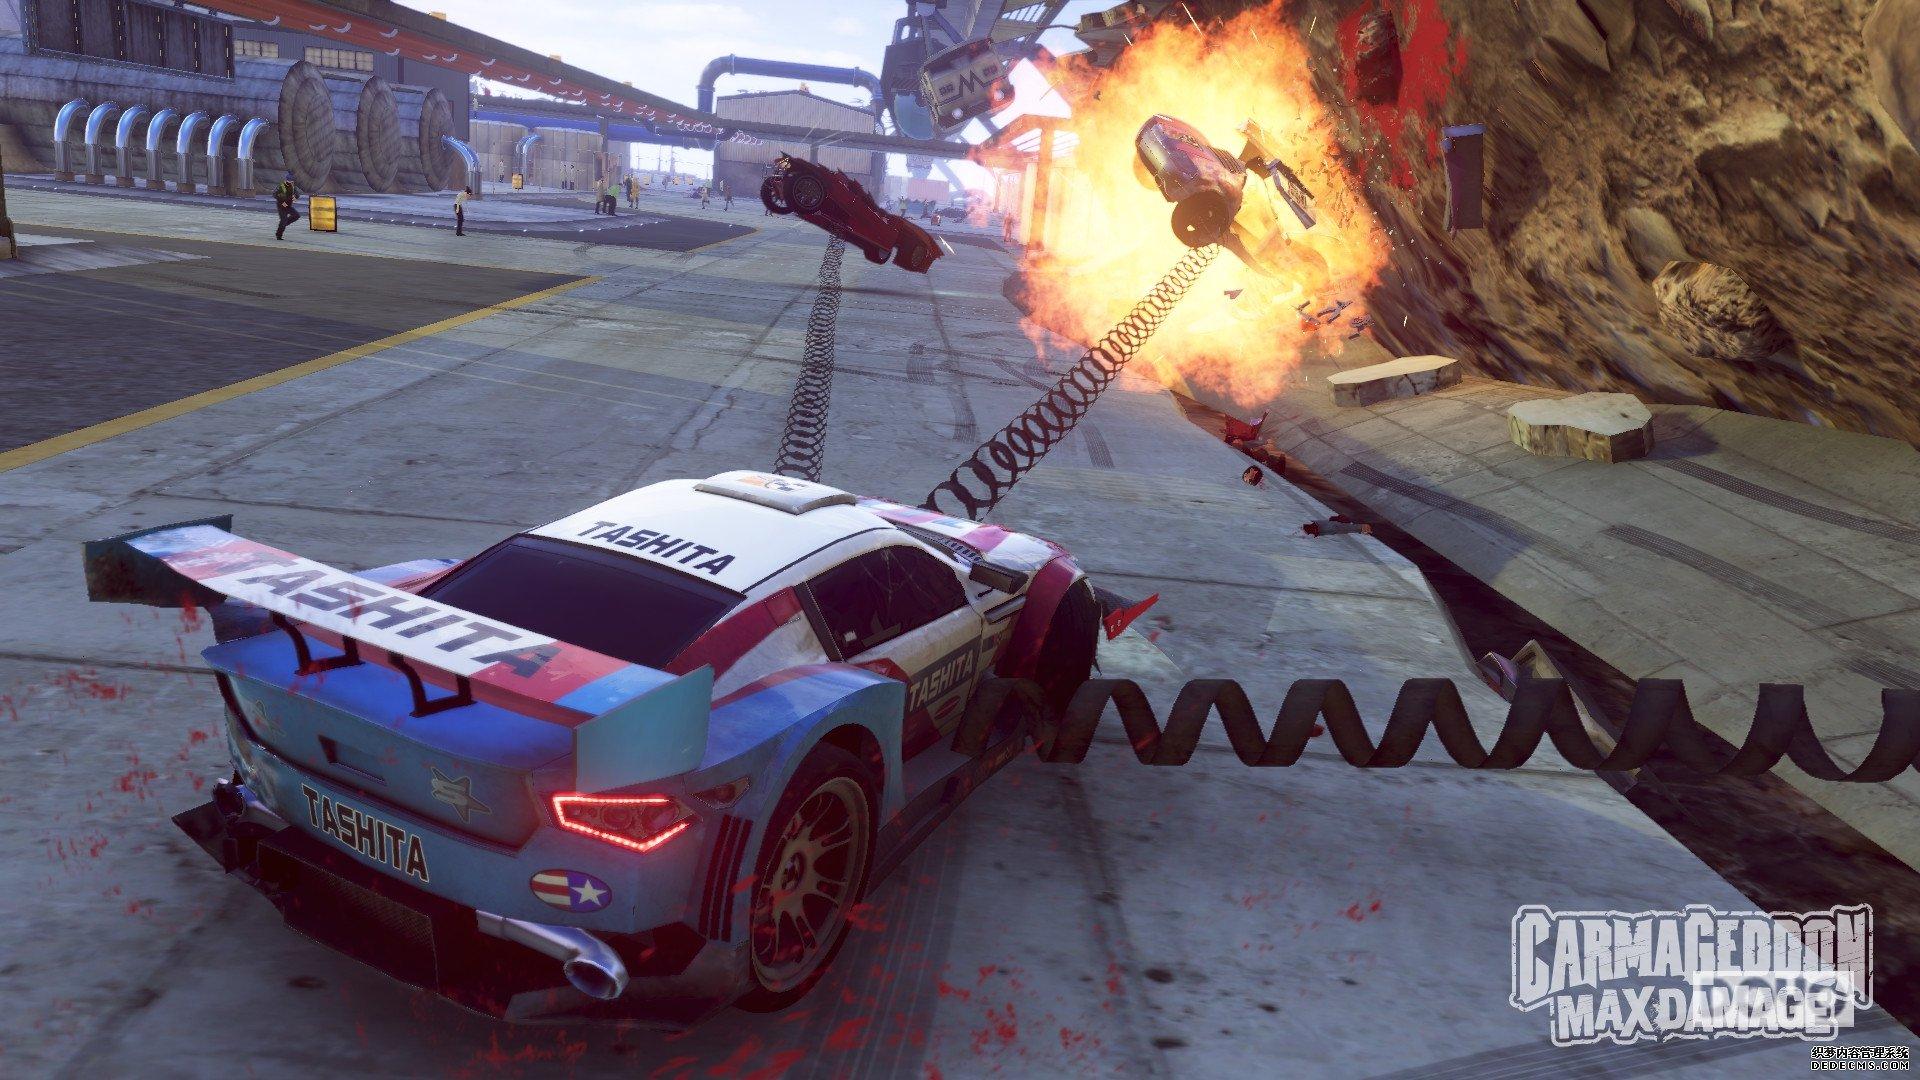 《死亡赛车:终极魔域页游破坏》确认发售日 相约大破坏